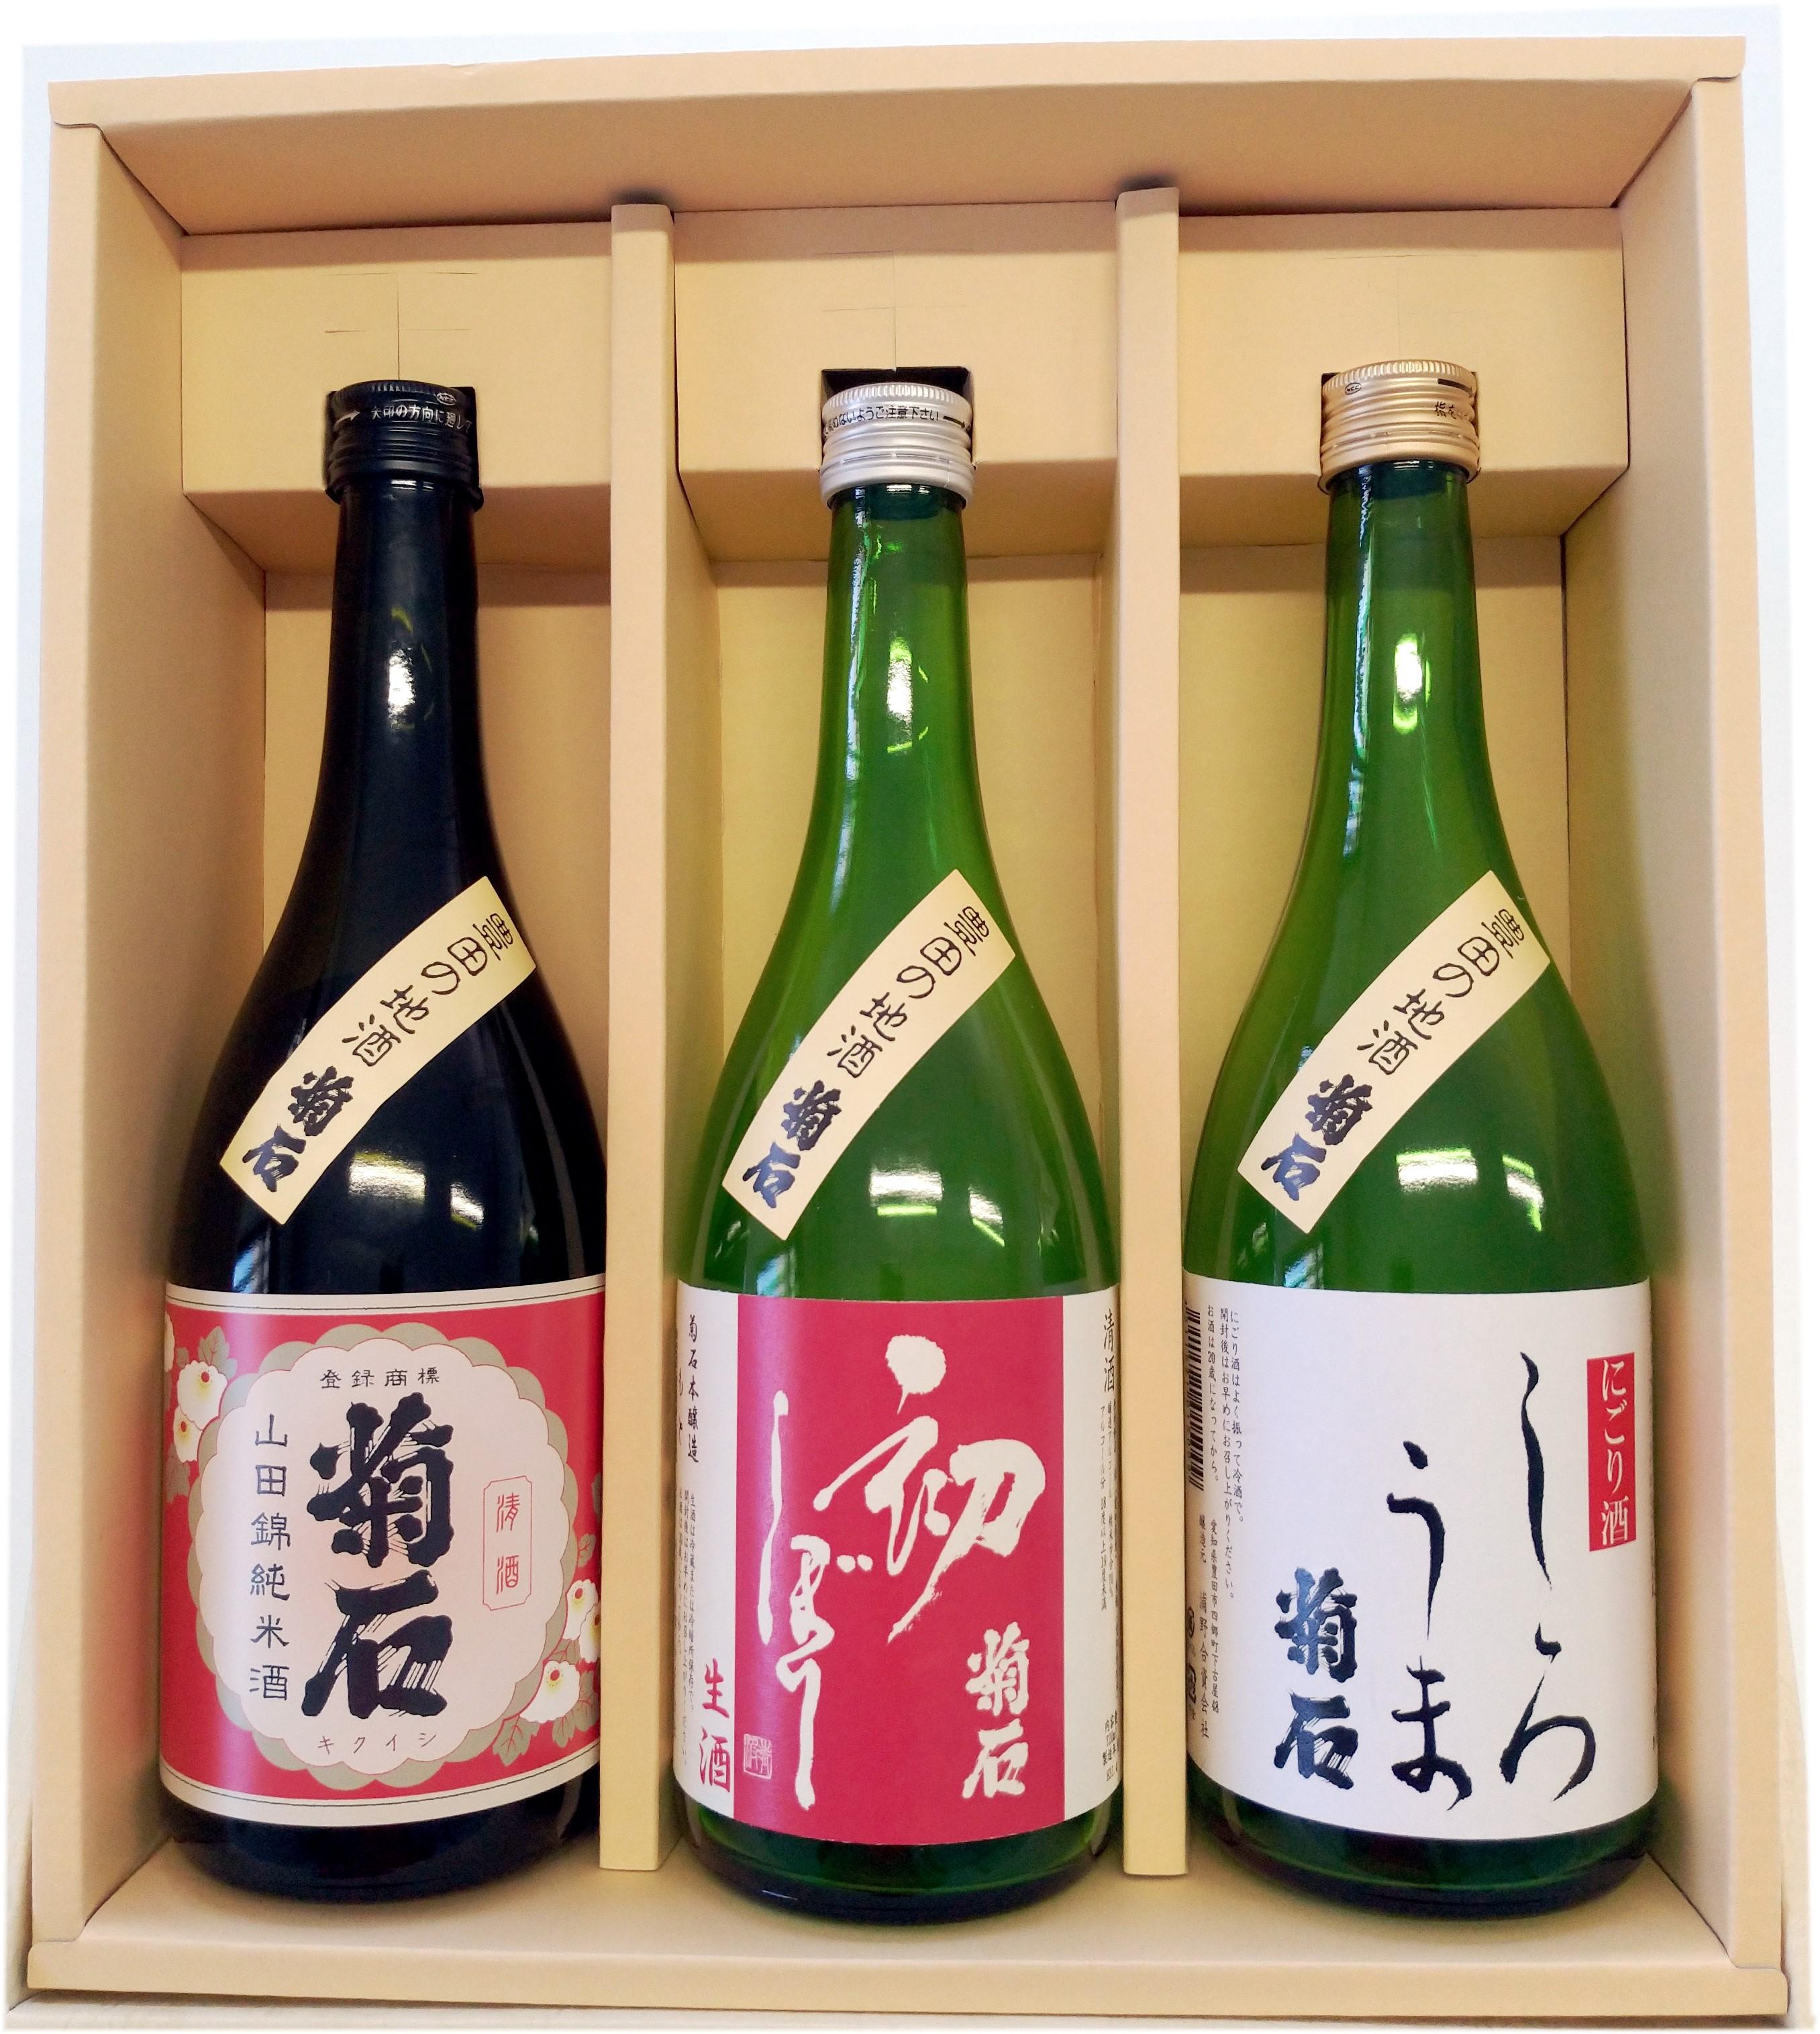 菊石の味わいの飲みくらべ